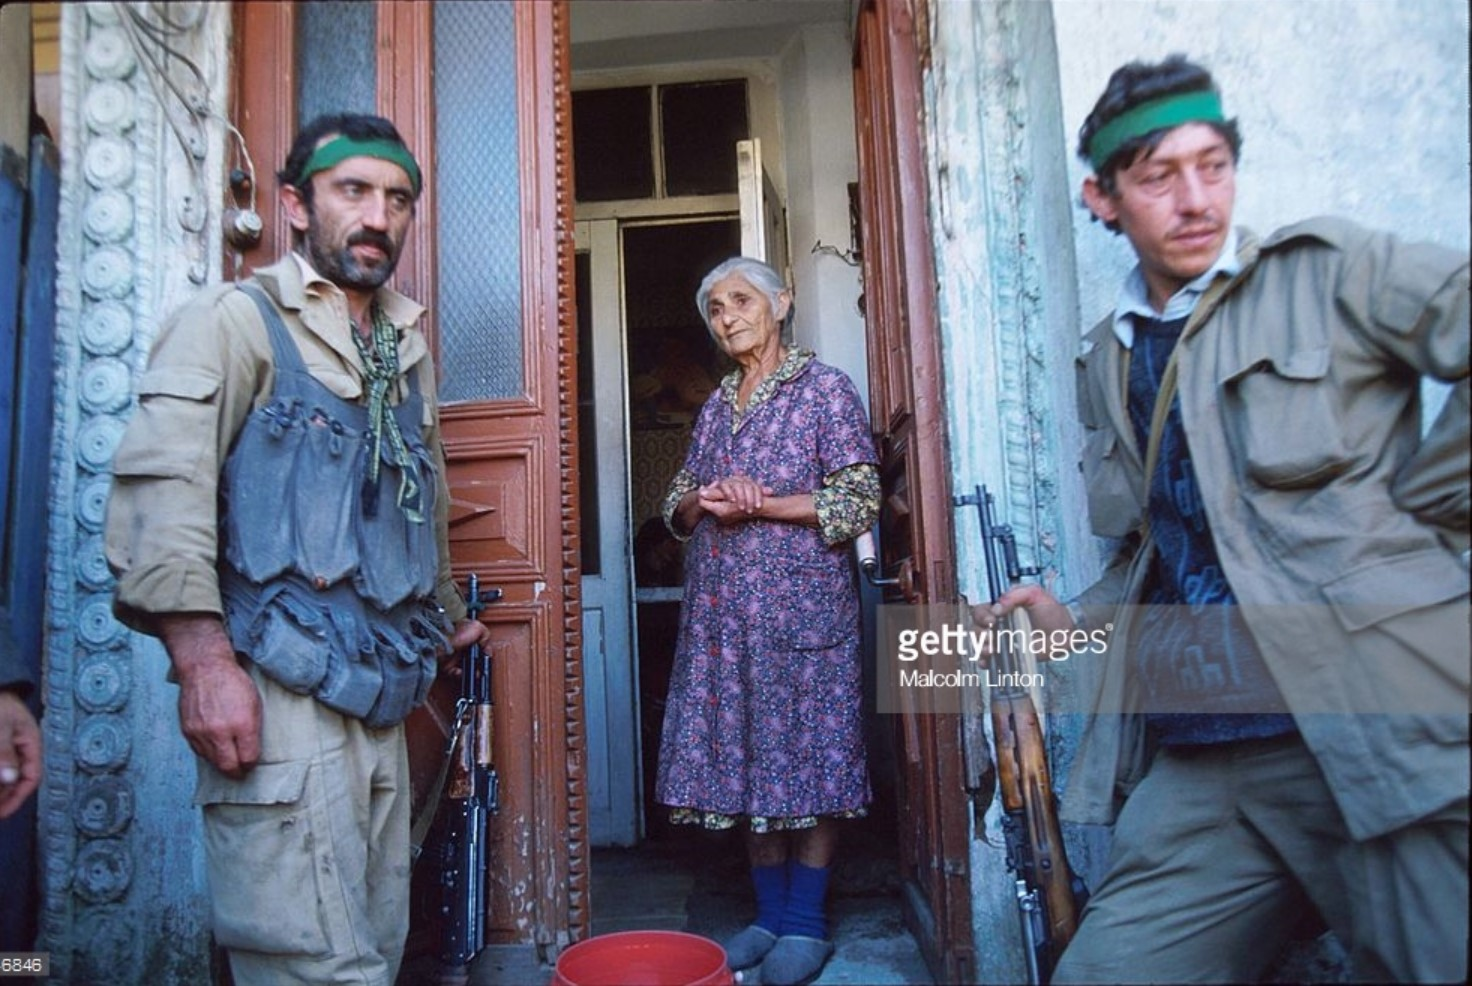 1993. 29 сентября. Сухуми. Солдаты и пожилая женщина